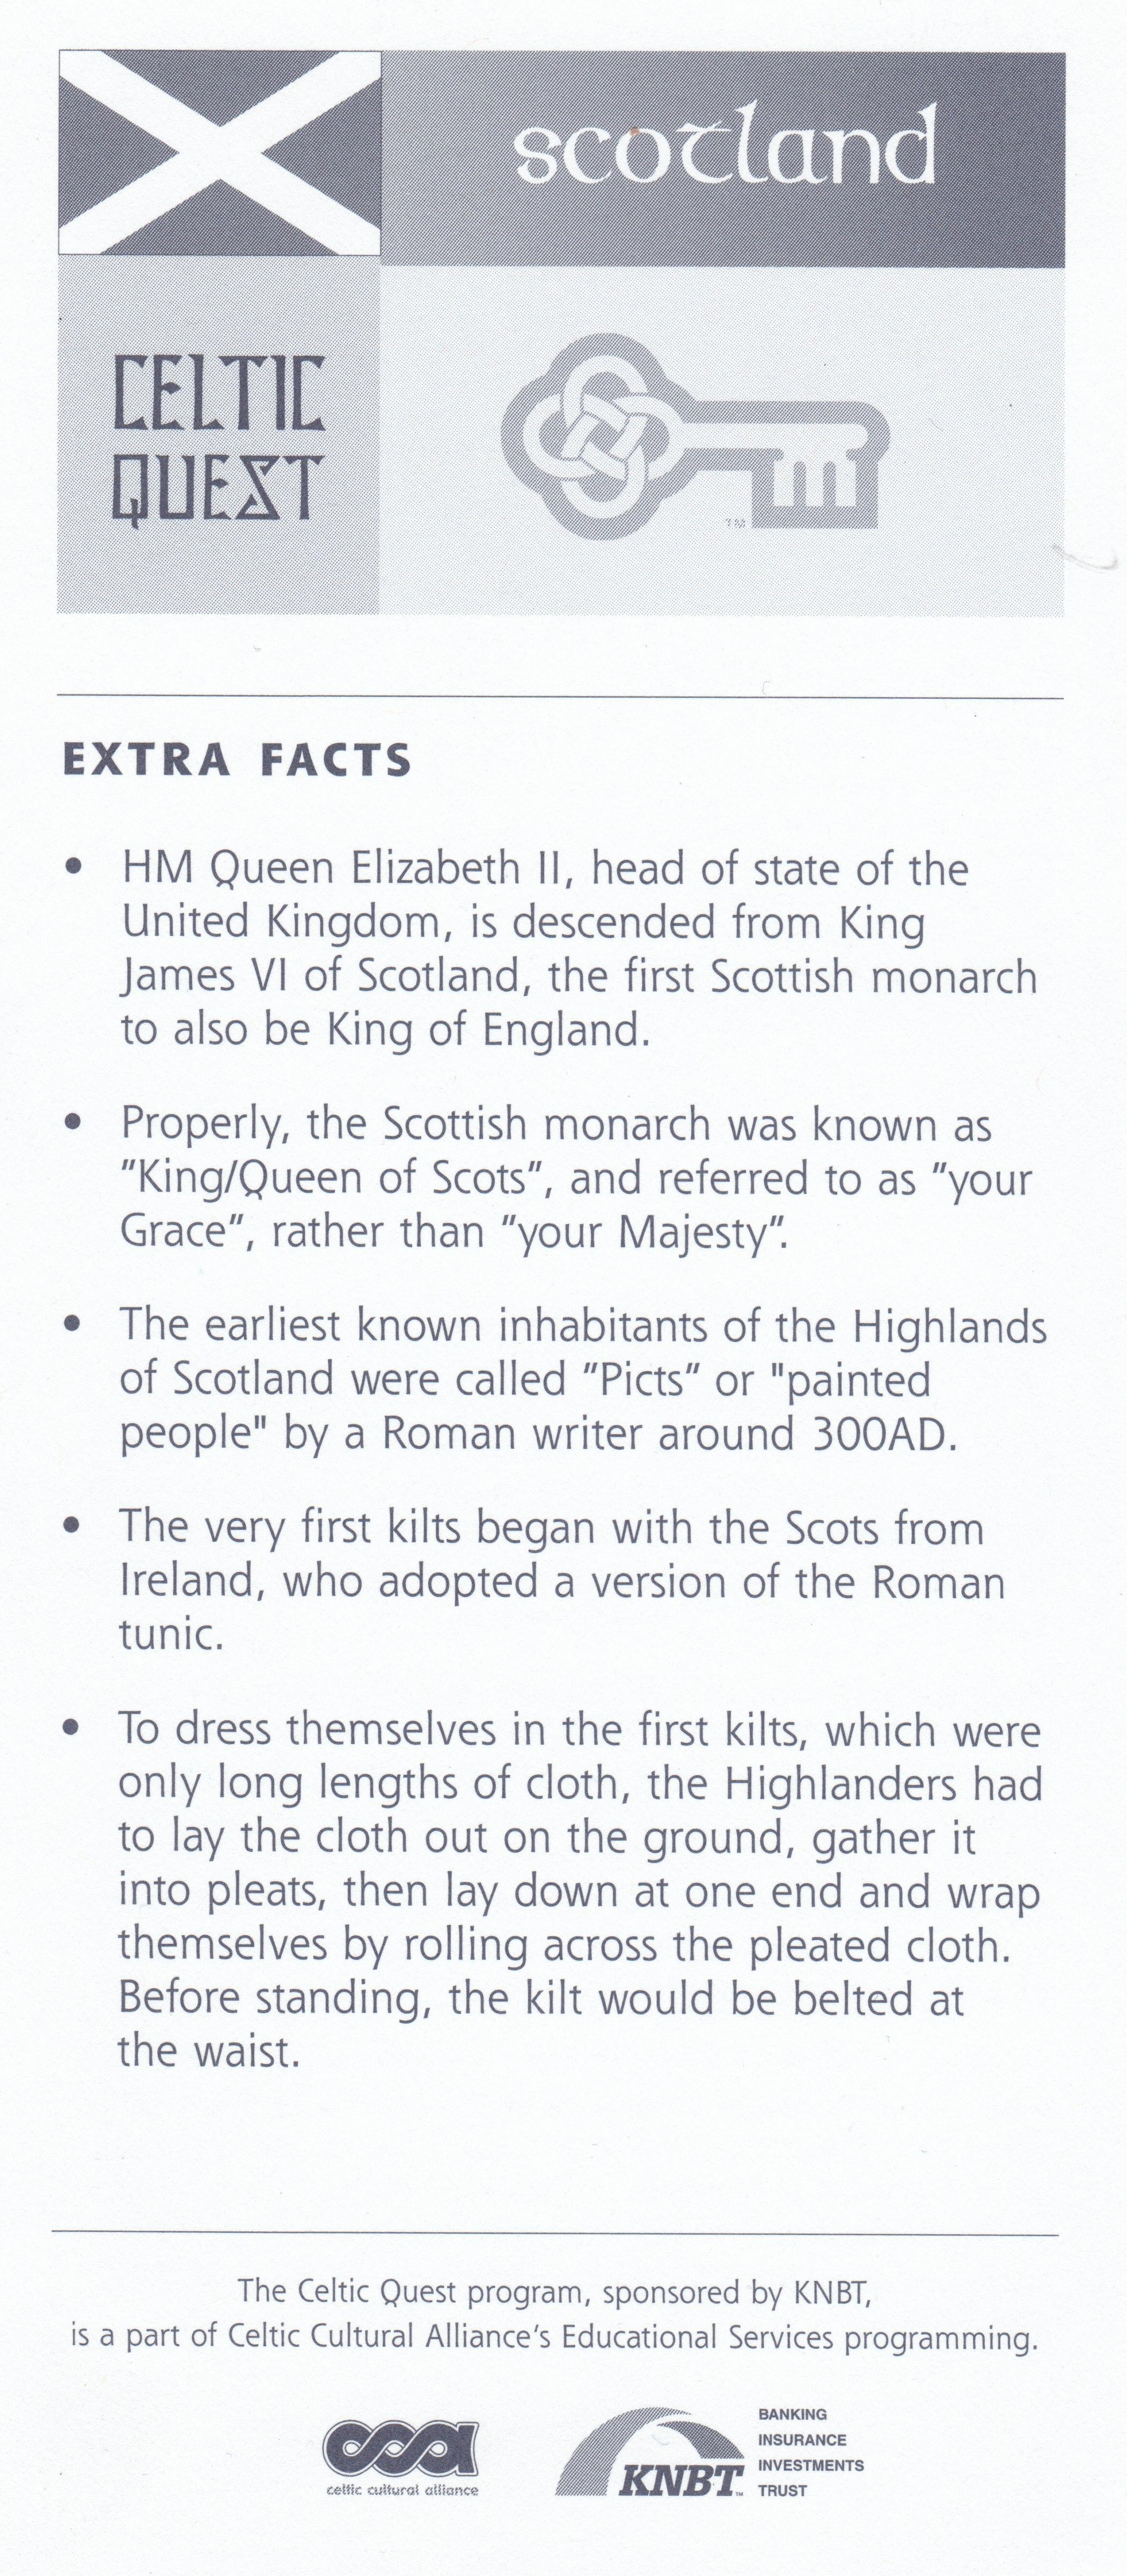 Scotland_B.jpeg